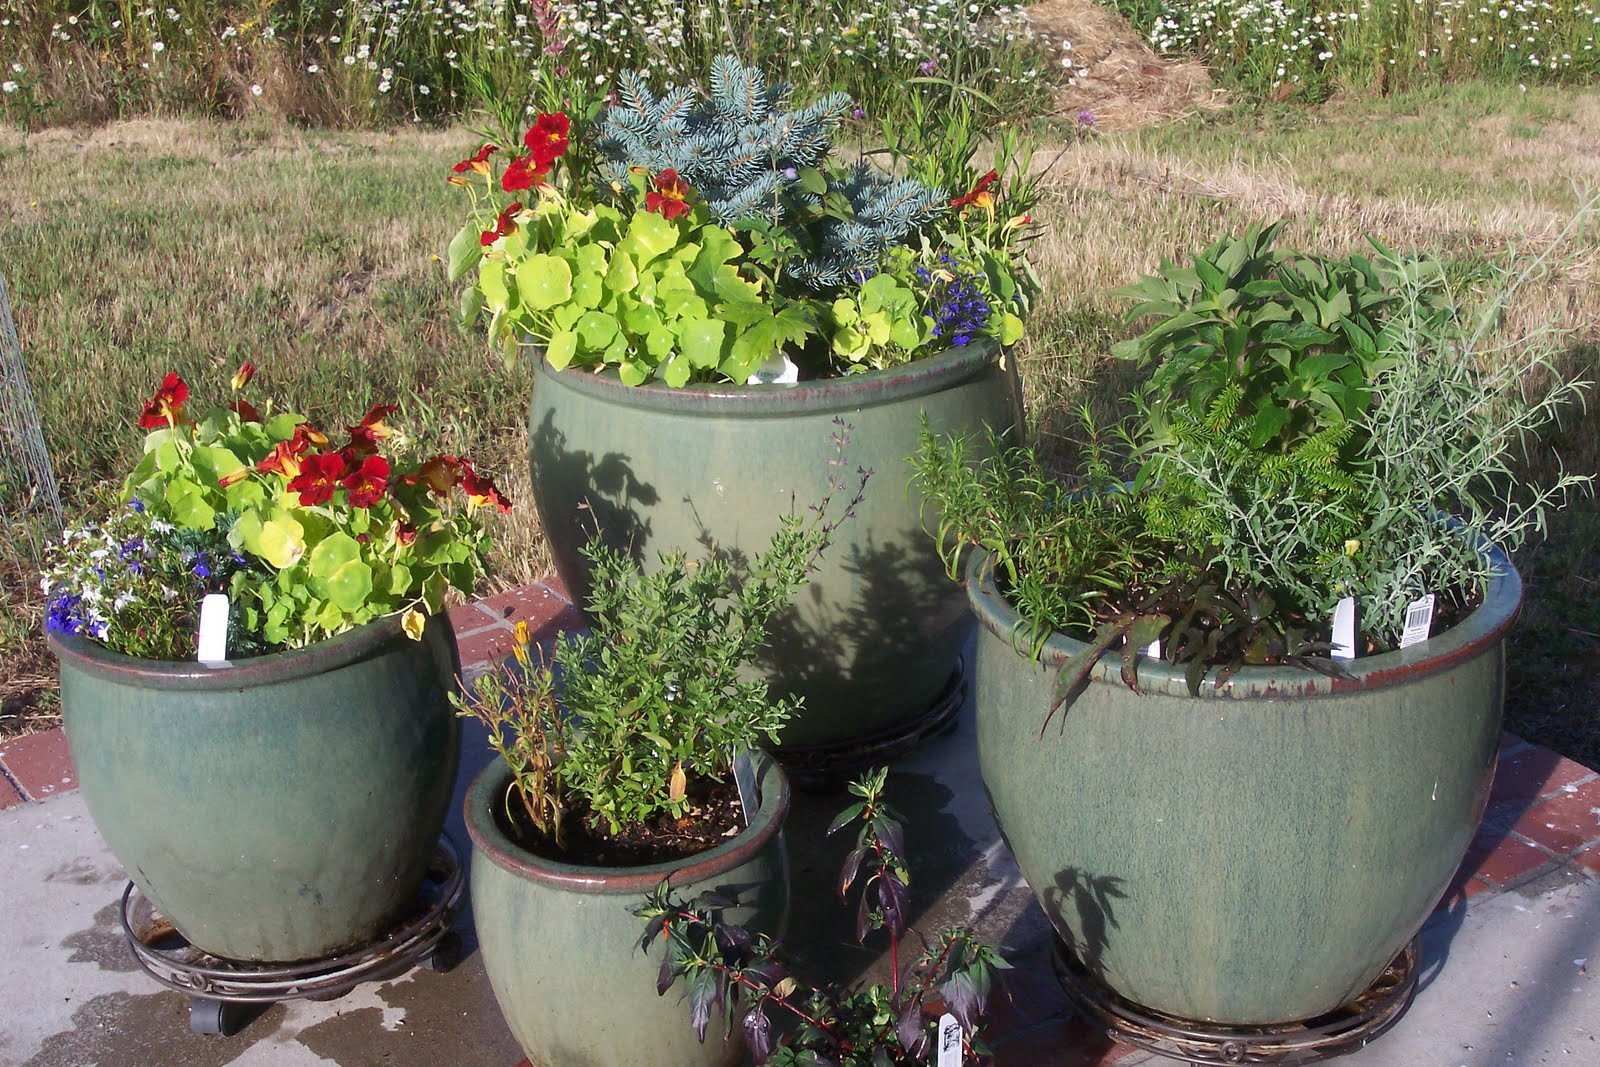 Coníferas enanas añaden color, forma, textura al patio | Noticias Deseret